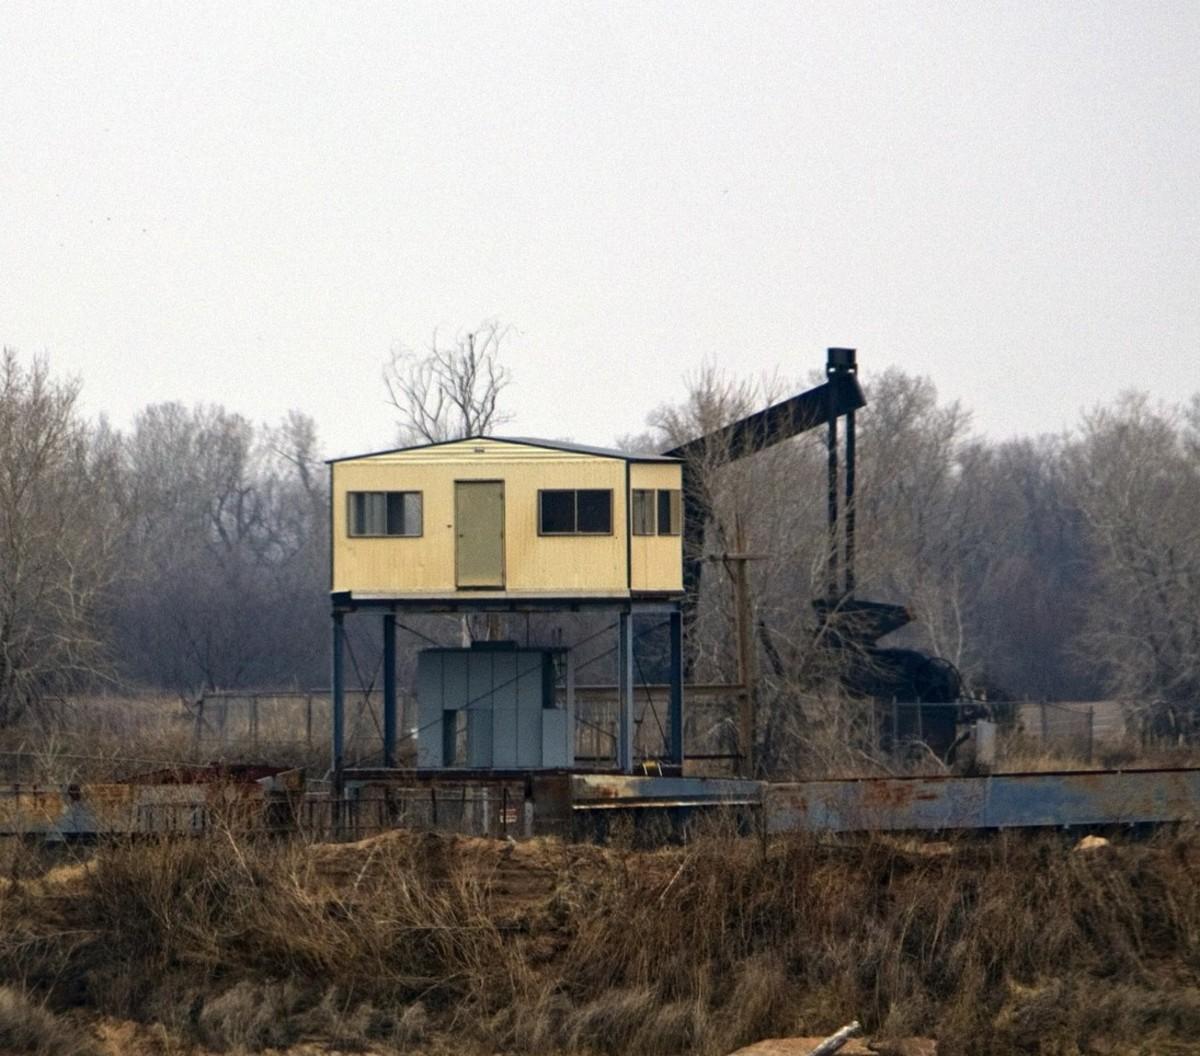 The Livingston's oil rig.